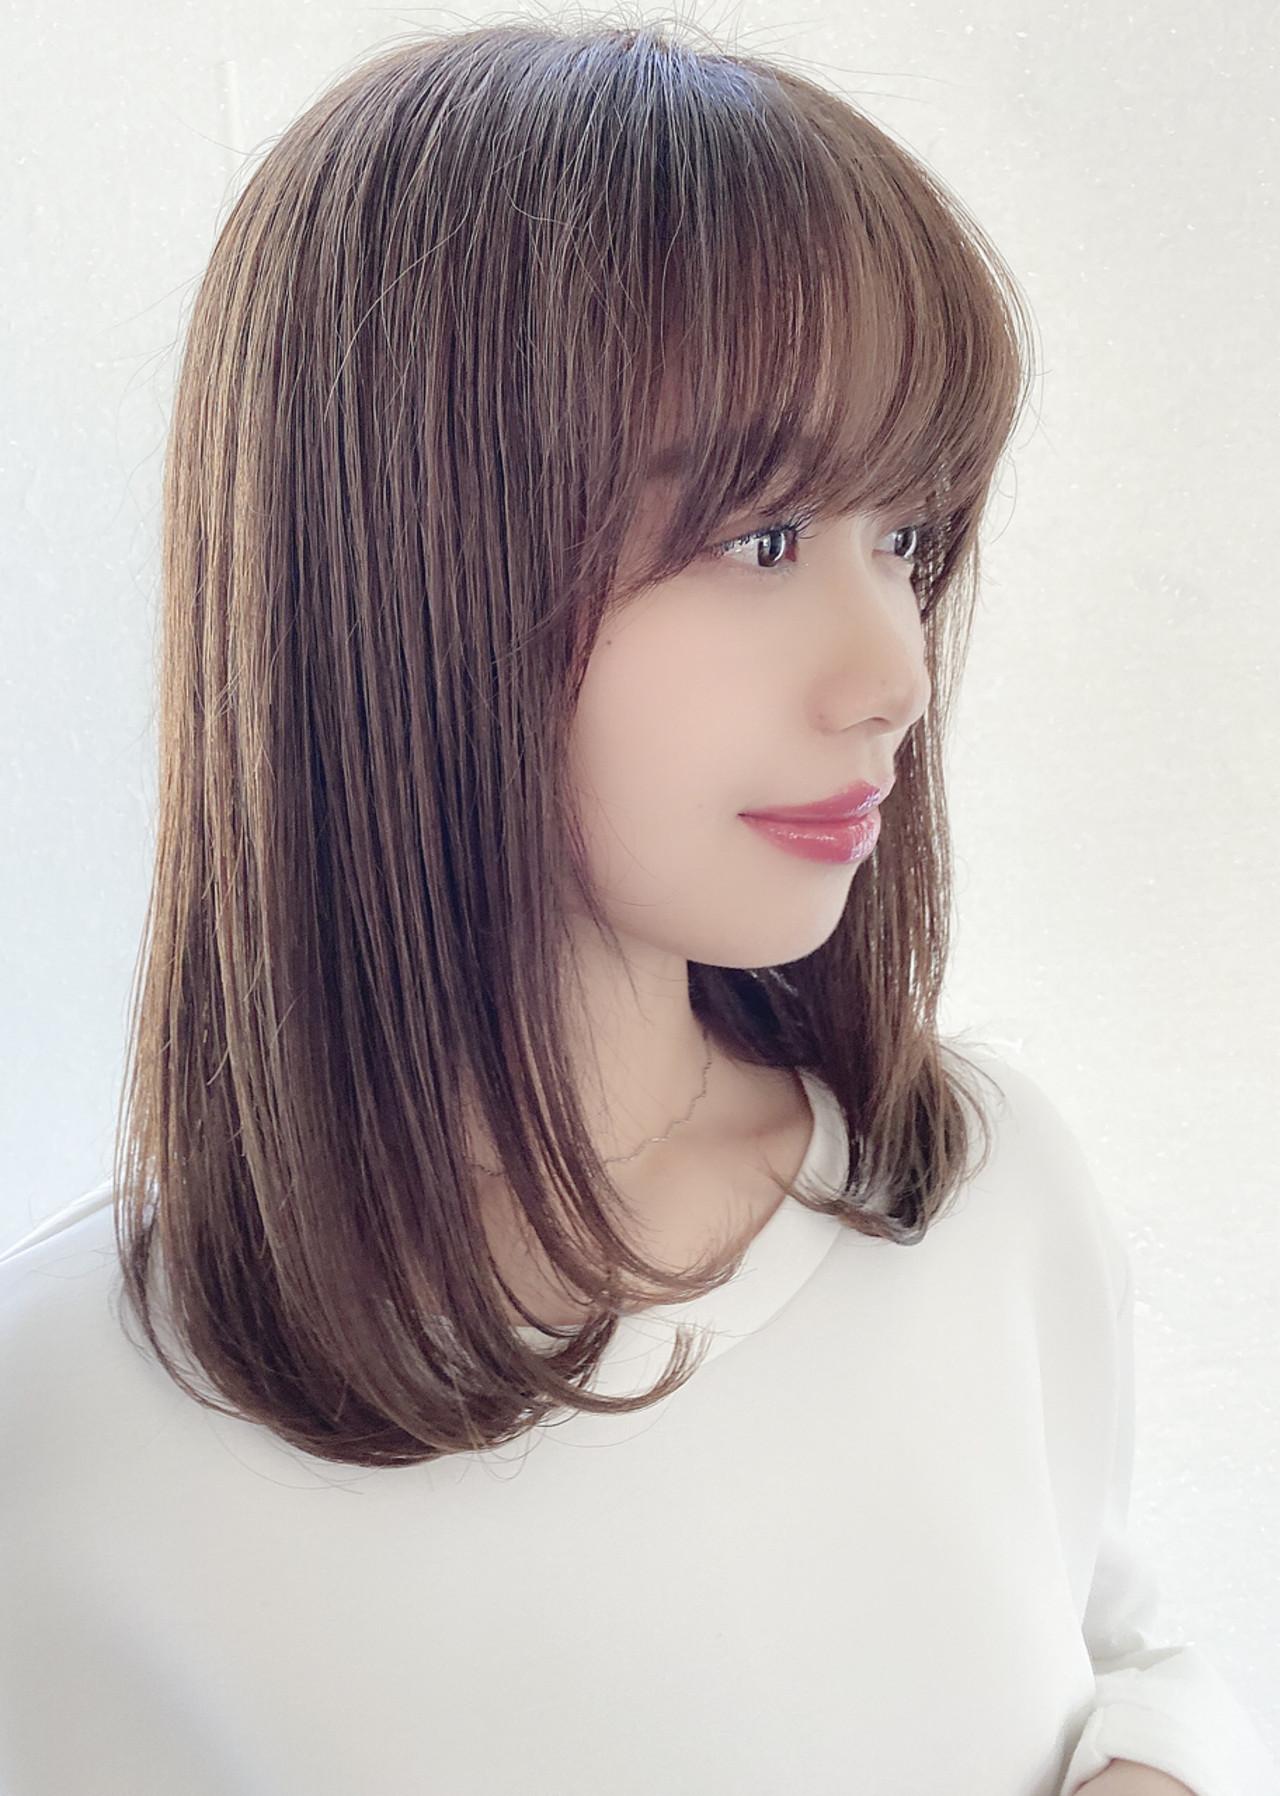 ストレート 艶髪 ナチュラル 美髪 ヘアスタイルや髪型の写真・画像